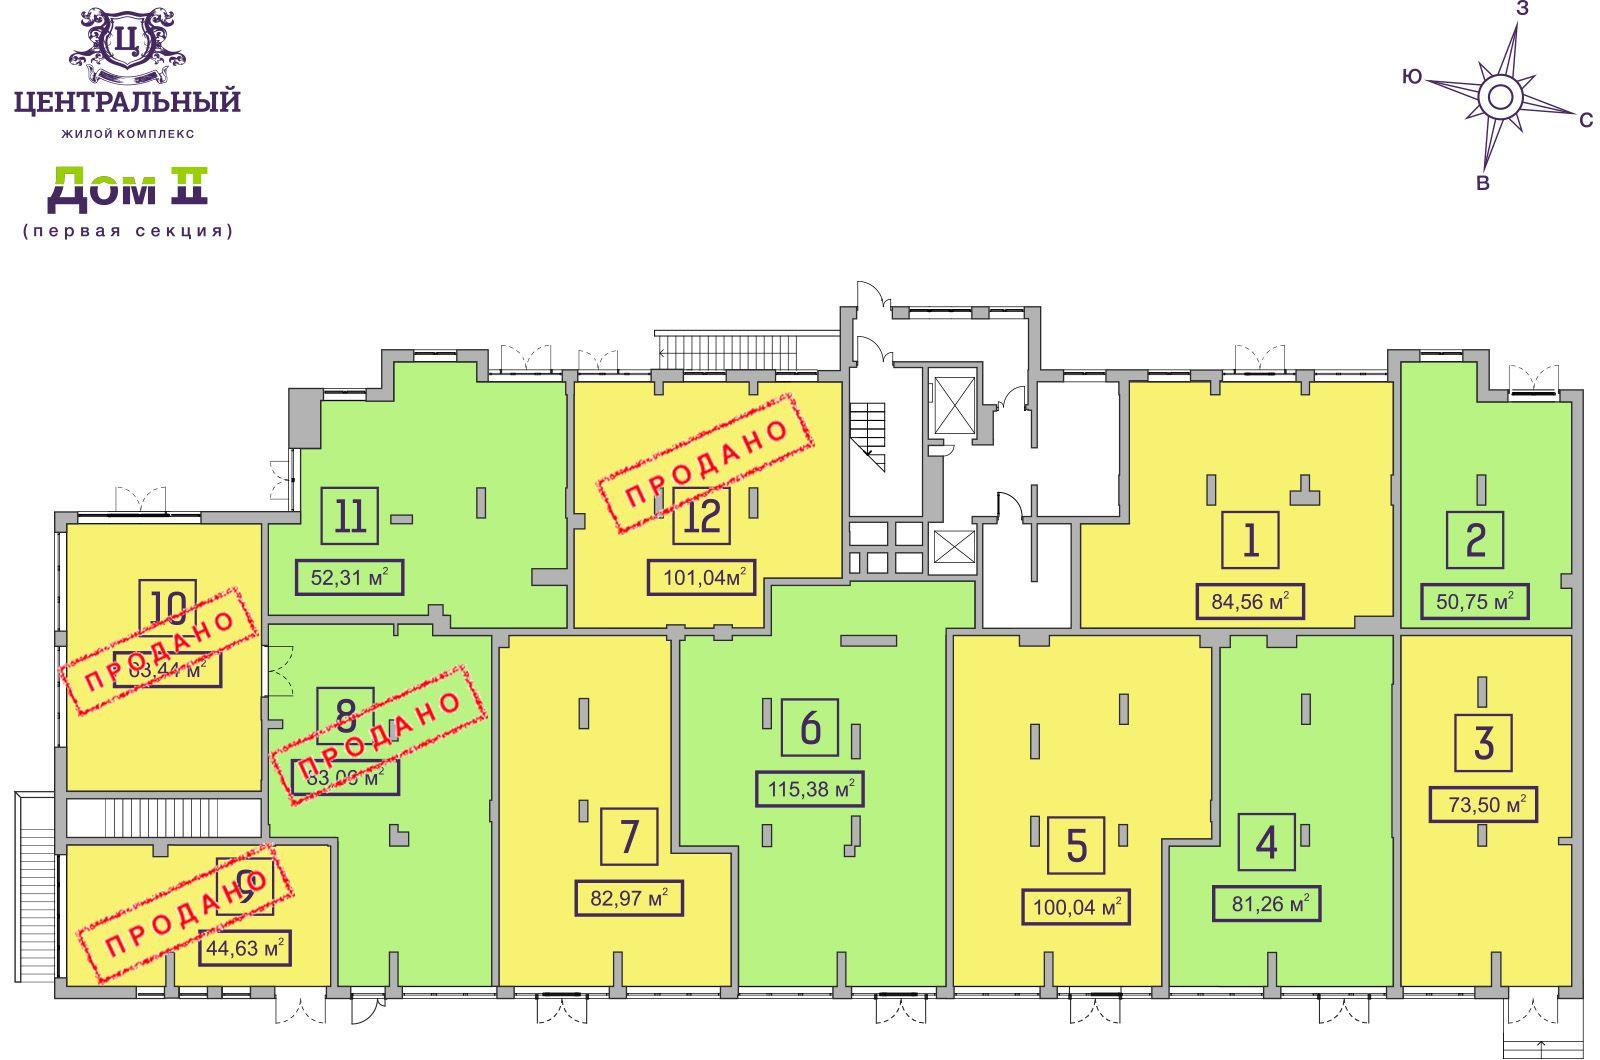 Дом 2. Коммерческая недвижимость 1-я секция